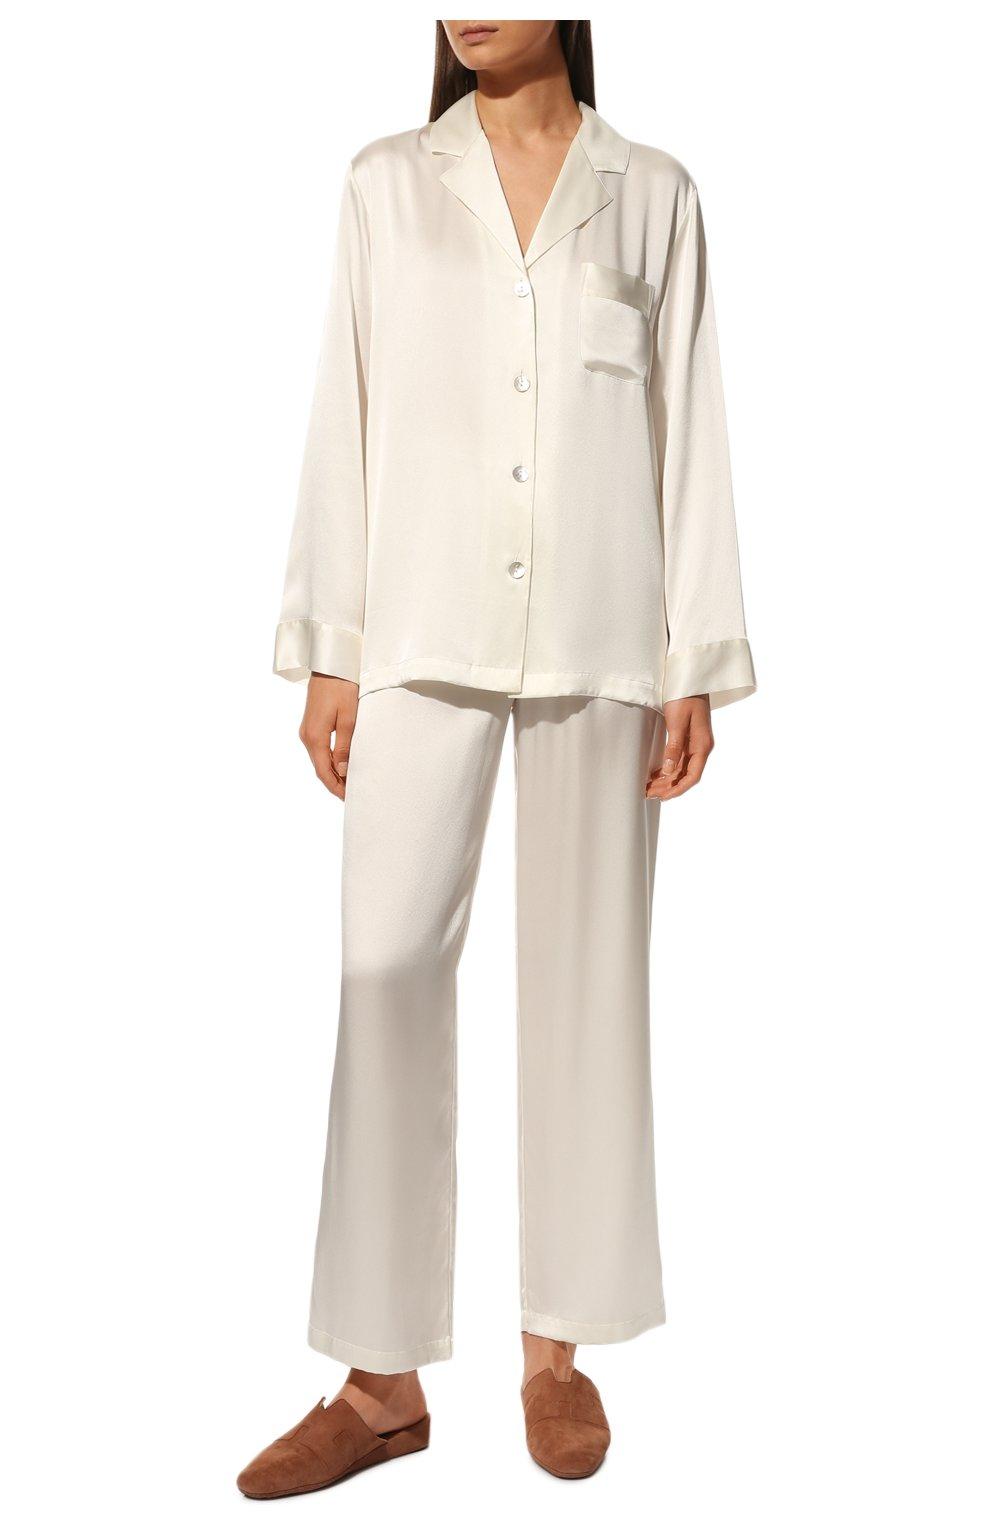 Женская шелковая пижама LUNA DI SETA белого цвета, арт. VLST08007 | Фото 2 (Материал внешний: Шелк; Рукава: Длинные; Длина Ж (юбки, платья, шорты): Мини; Длина (брюки, джинсы): Стандартные; Длина (для топов): Стандартные)